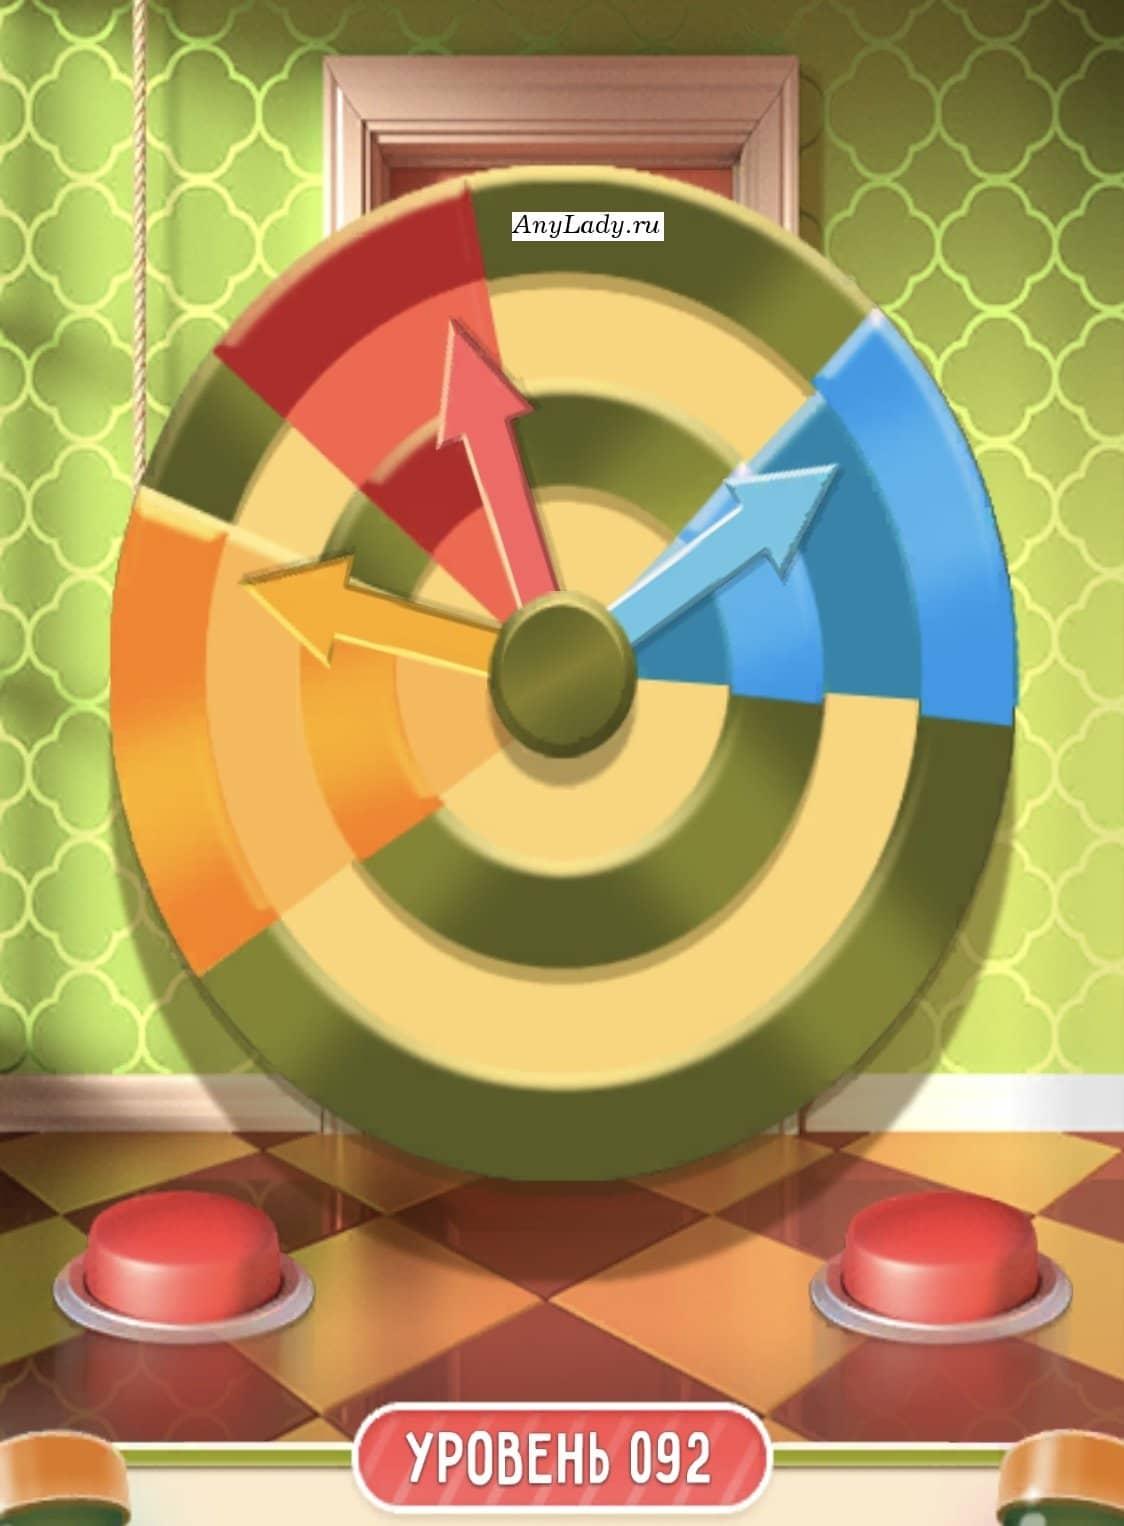 Перед Вами шнурок, дерните за него вниз и увидите рулетку с оранжевым, красным и синем полем. На рулетке также есть стрелки аналогичные по цвету полям.